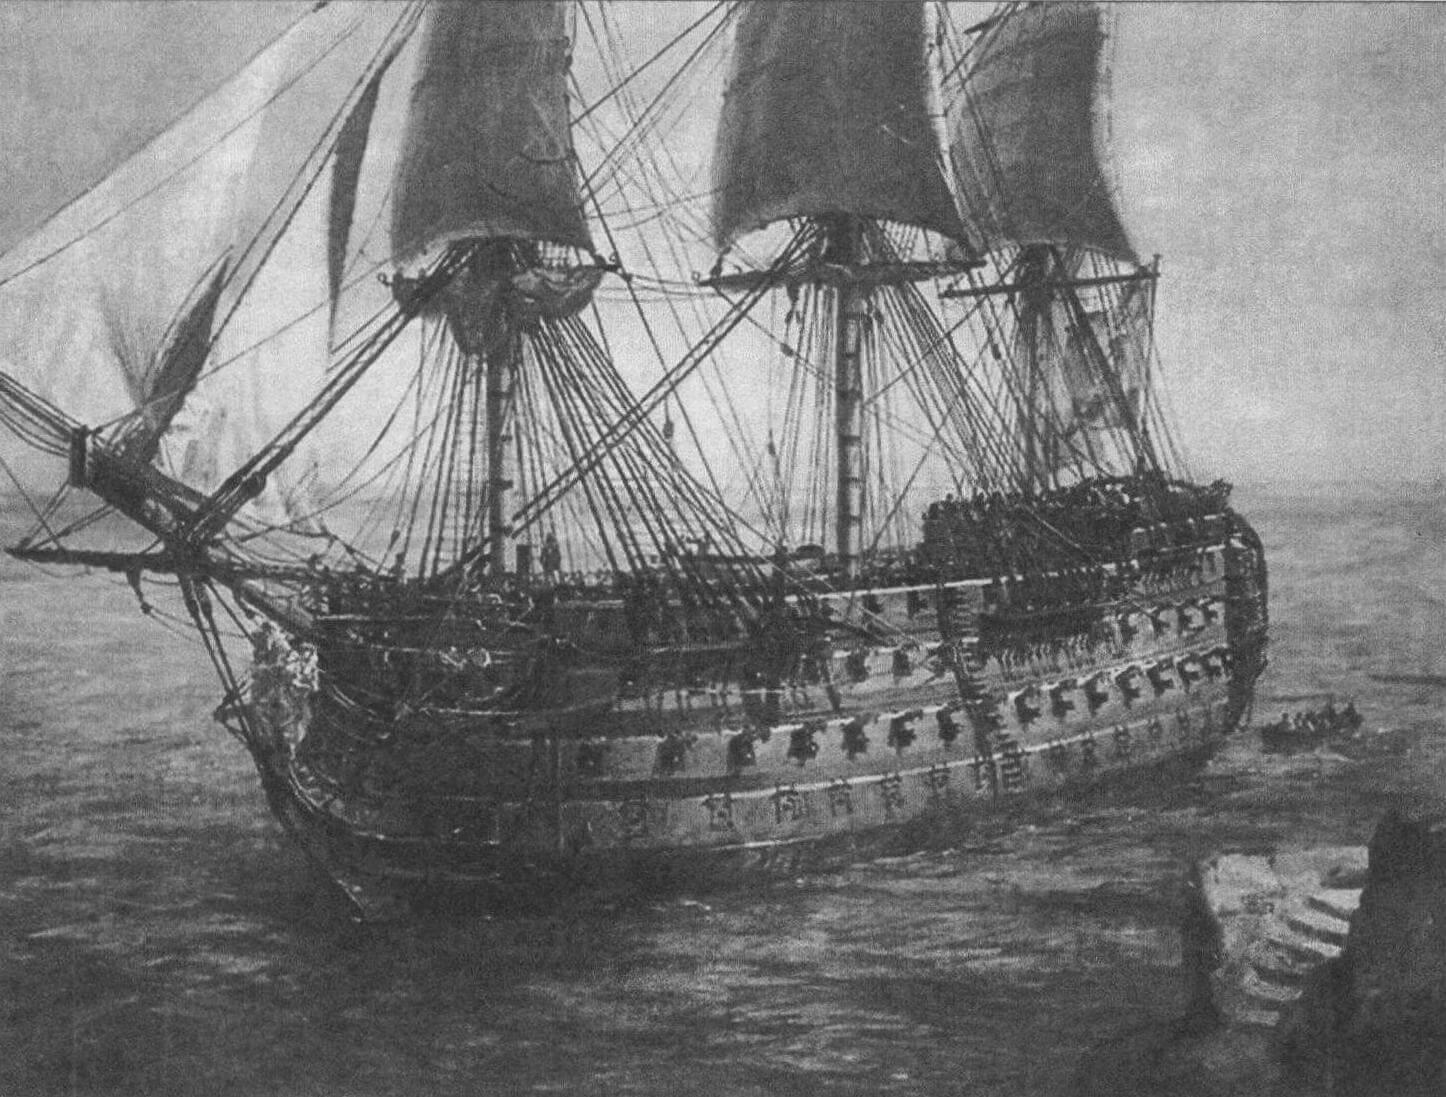 На этой картине «Сантисима Тринидад» изображен с частично поставленными парусами. Необычные характеристики и неординарная судьба сделали этот корабль «центром притяжения» внимания многих художников, а также исследователей и просто любителей истории...